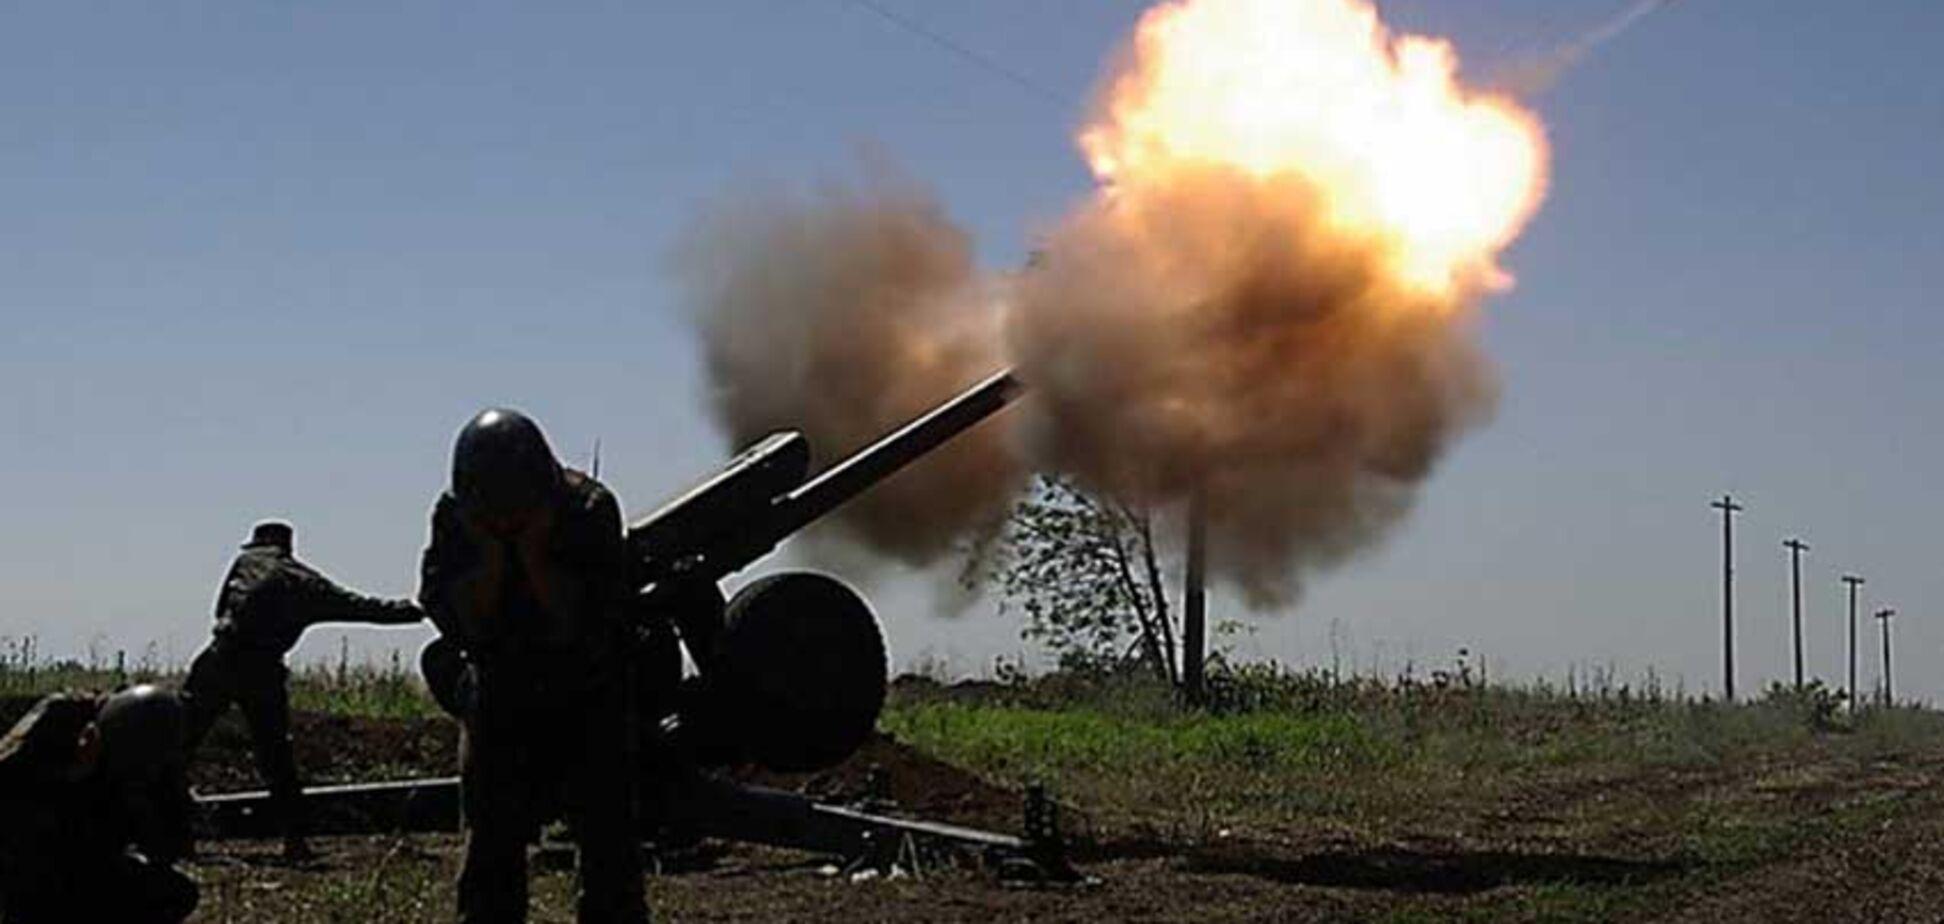 Есть жертвы: появилось фото после мощного артобстрела в зоне АТО